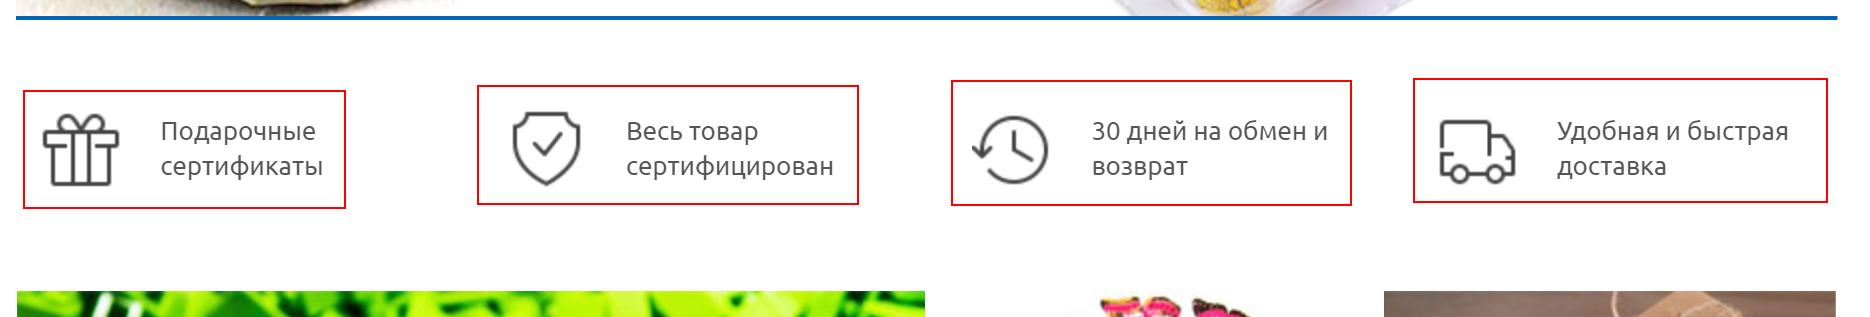 Оформление блоков сайта